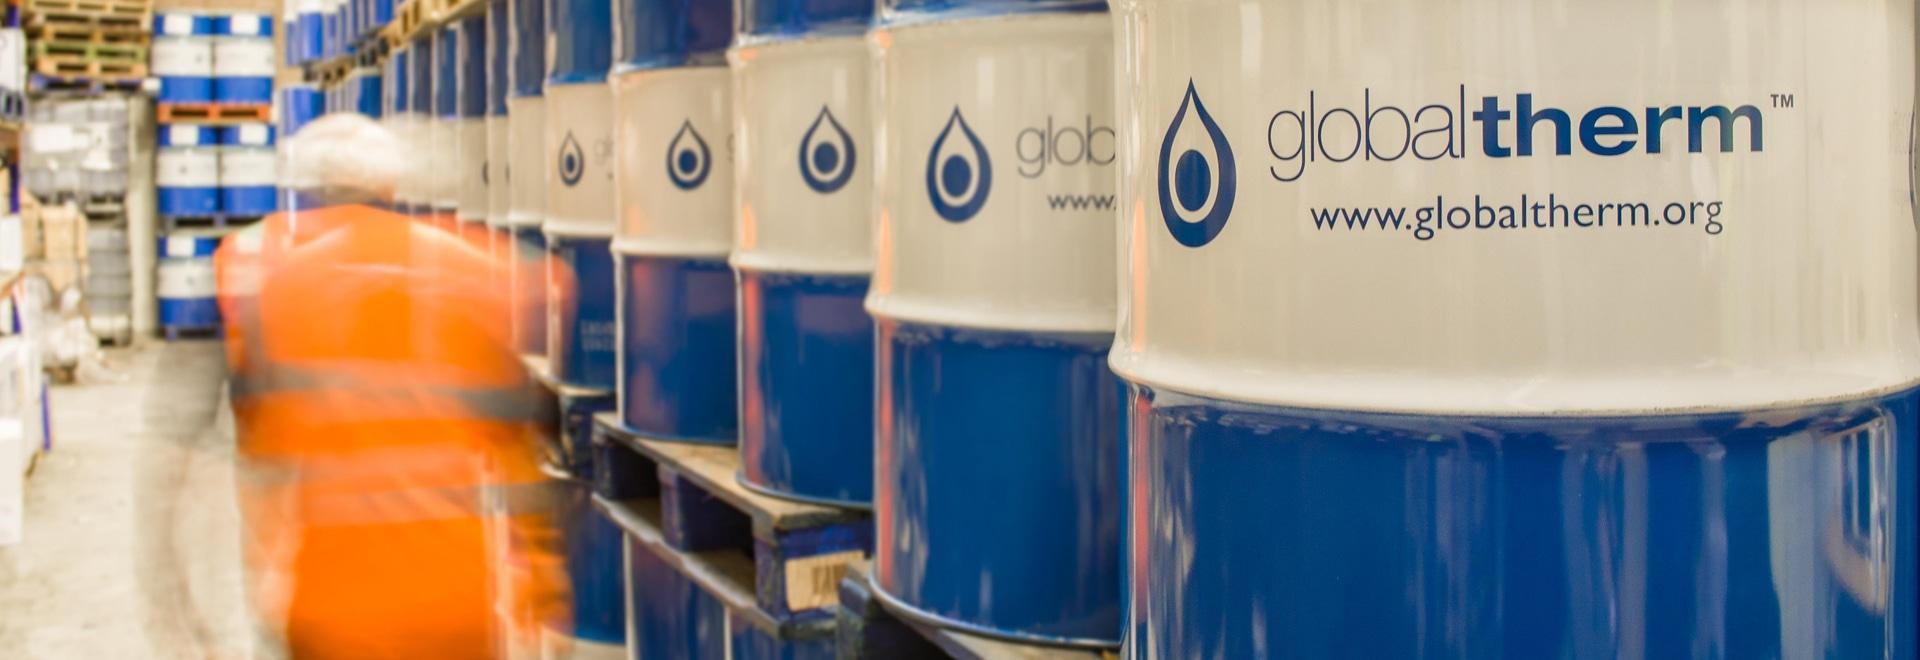 Elegir el líquido más apropiado de la transferencia de calor